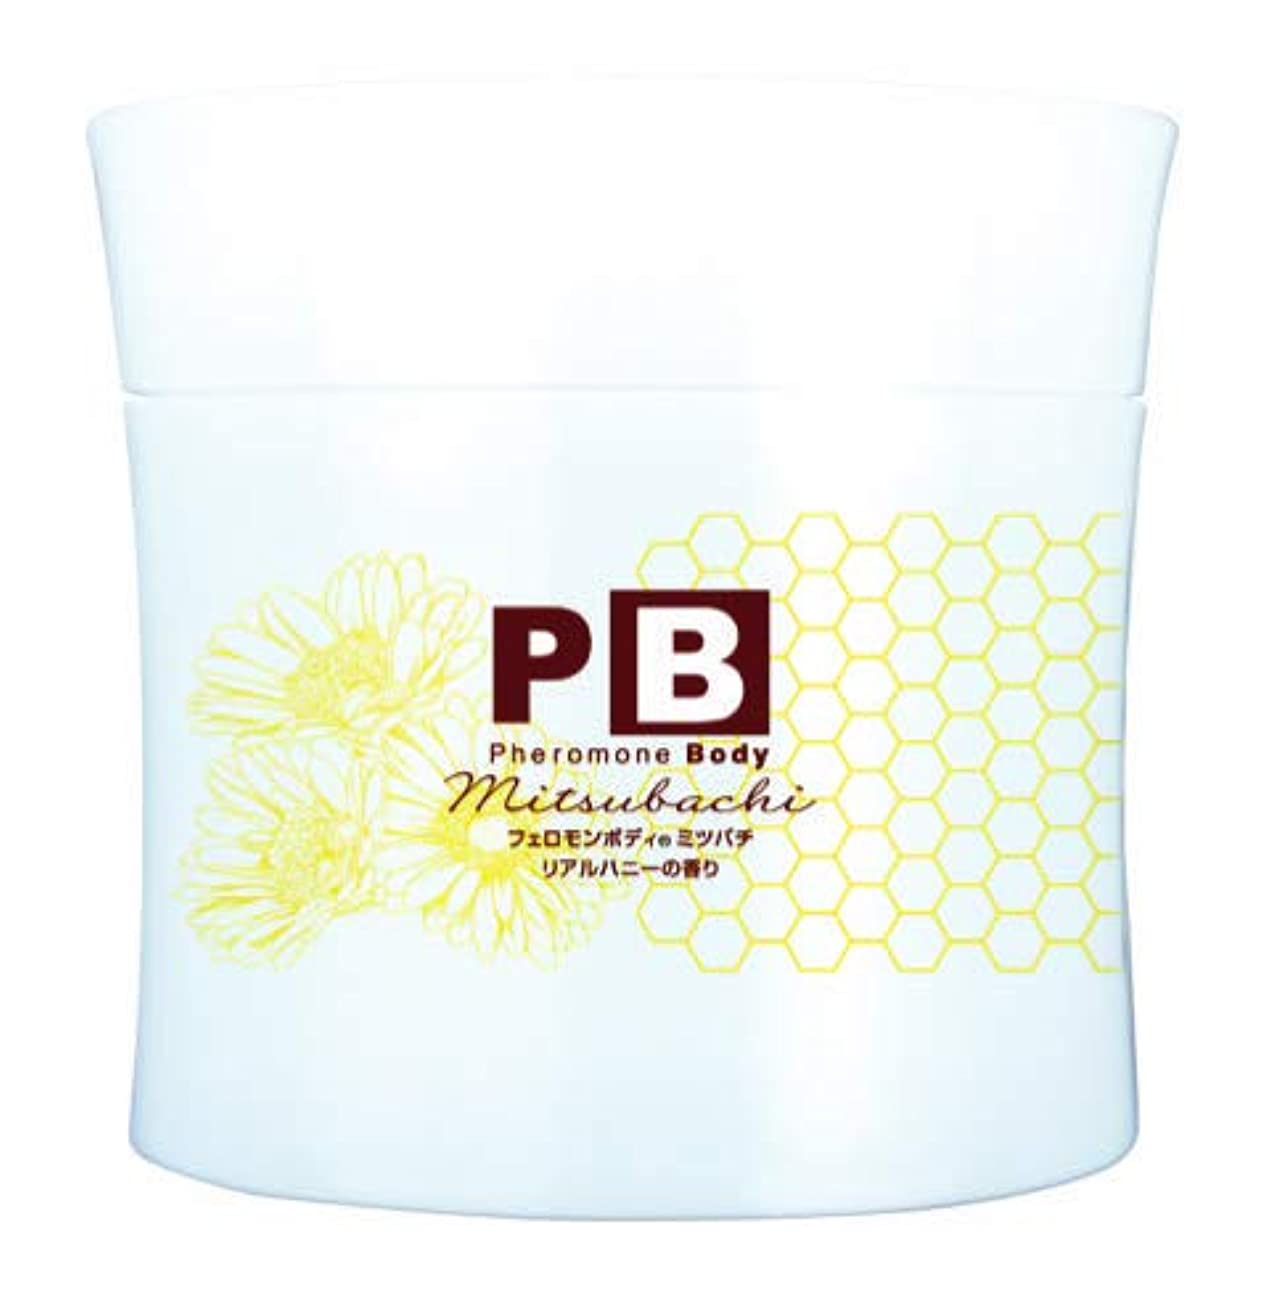 花瓶値下げ太陽累計販売個数50万個突破「フェロモンボディ」(泡立つ不思議なソルトマッサージソープ) (ミツバチ)